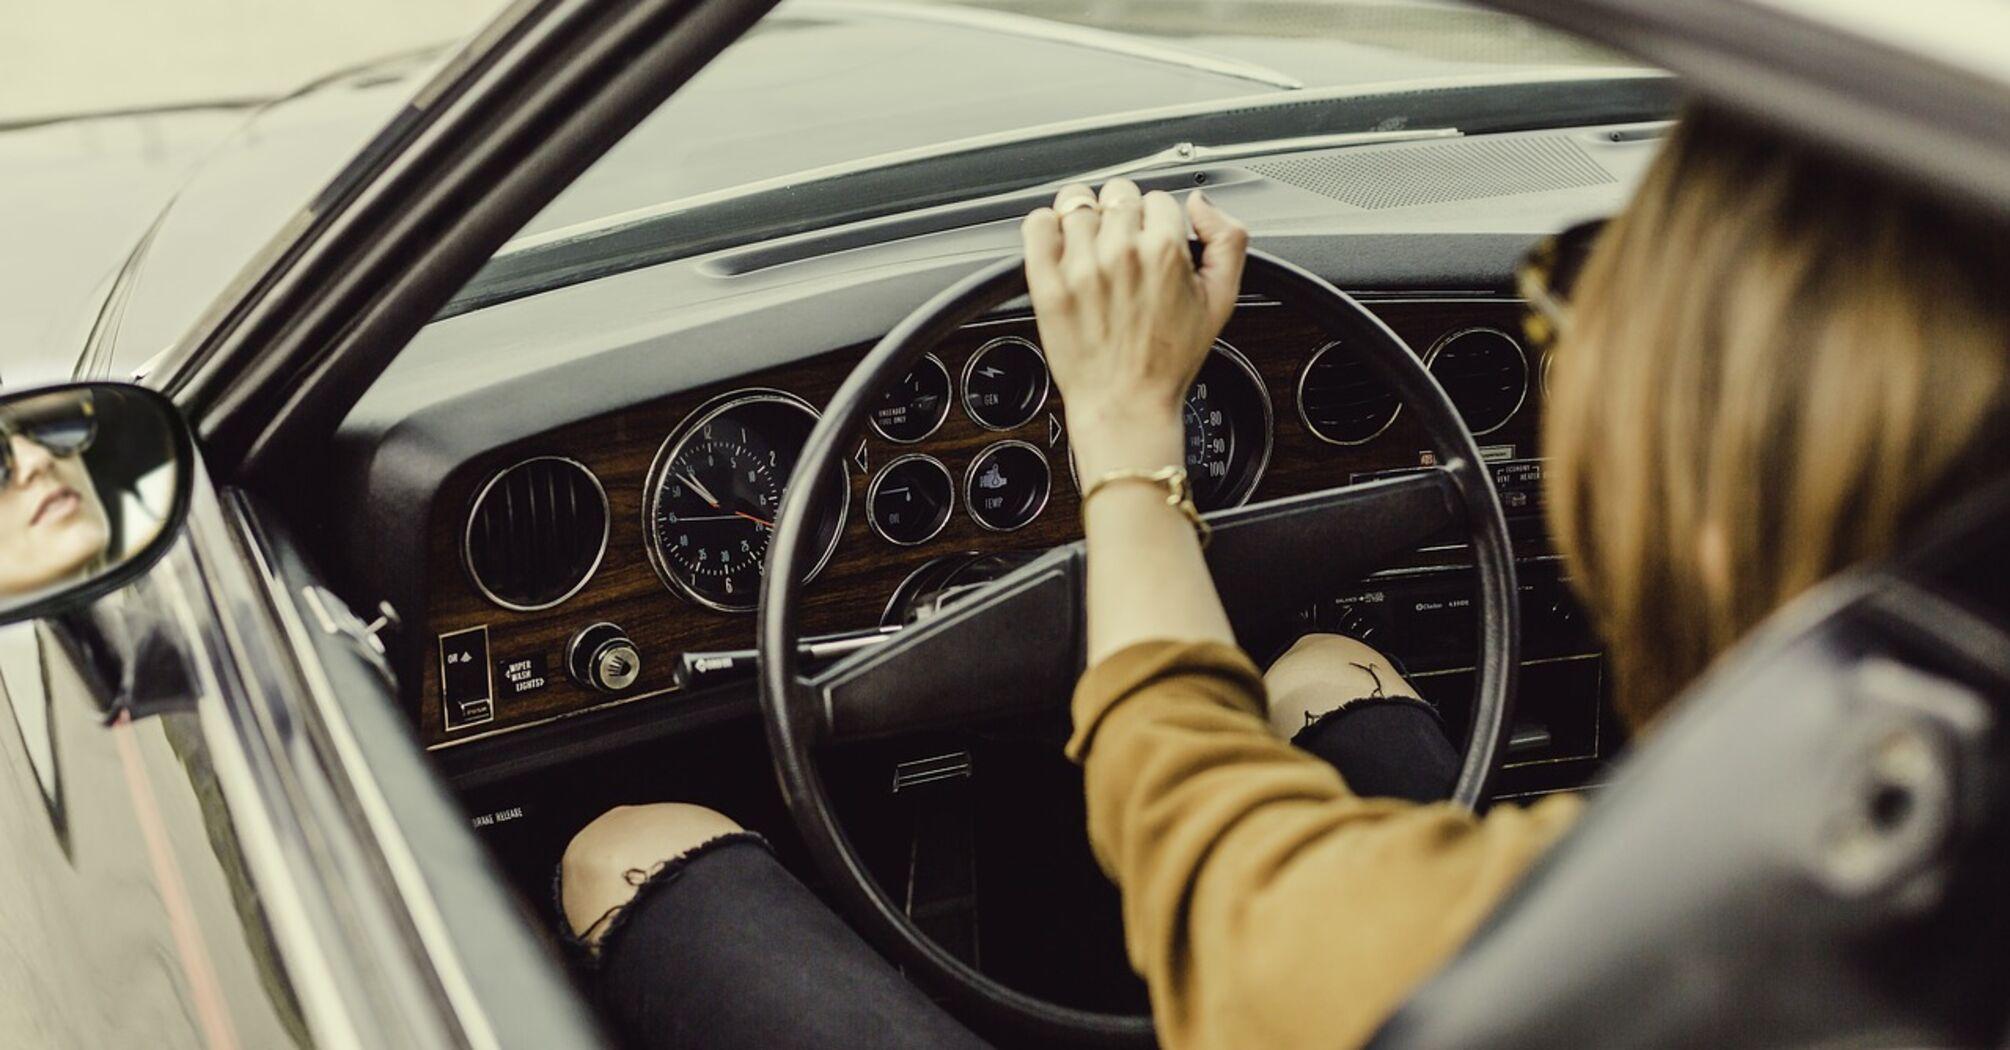 Автошкола онлайн и водительские права курьером: Кабмин изменил порядок подготовки водителей